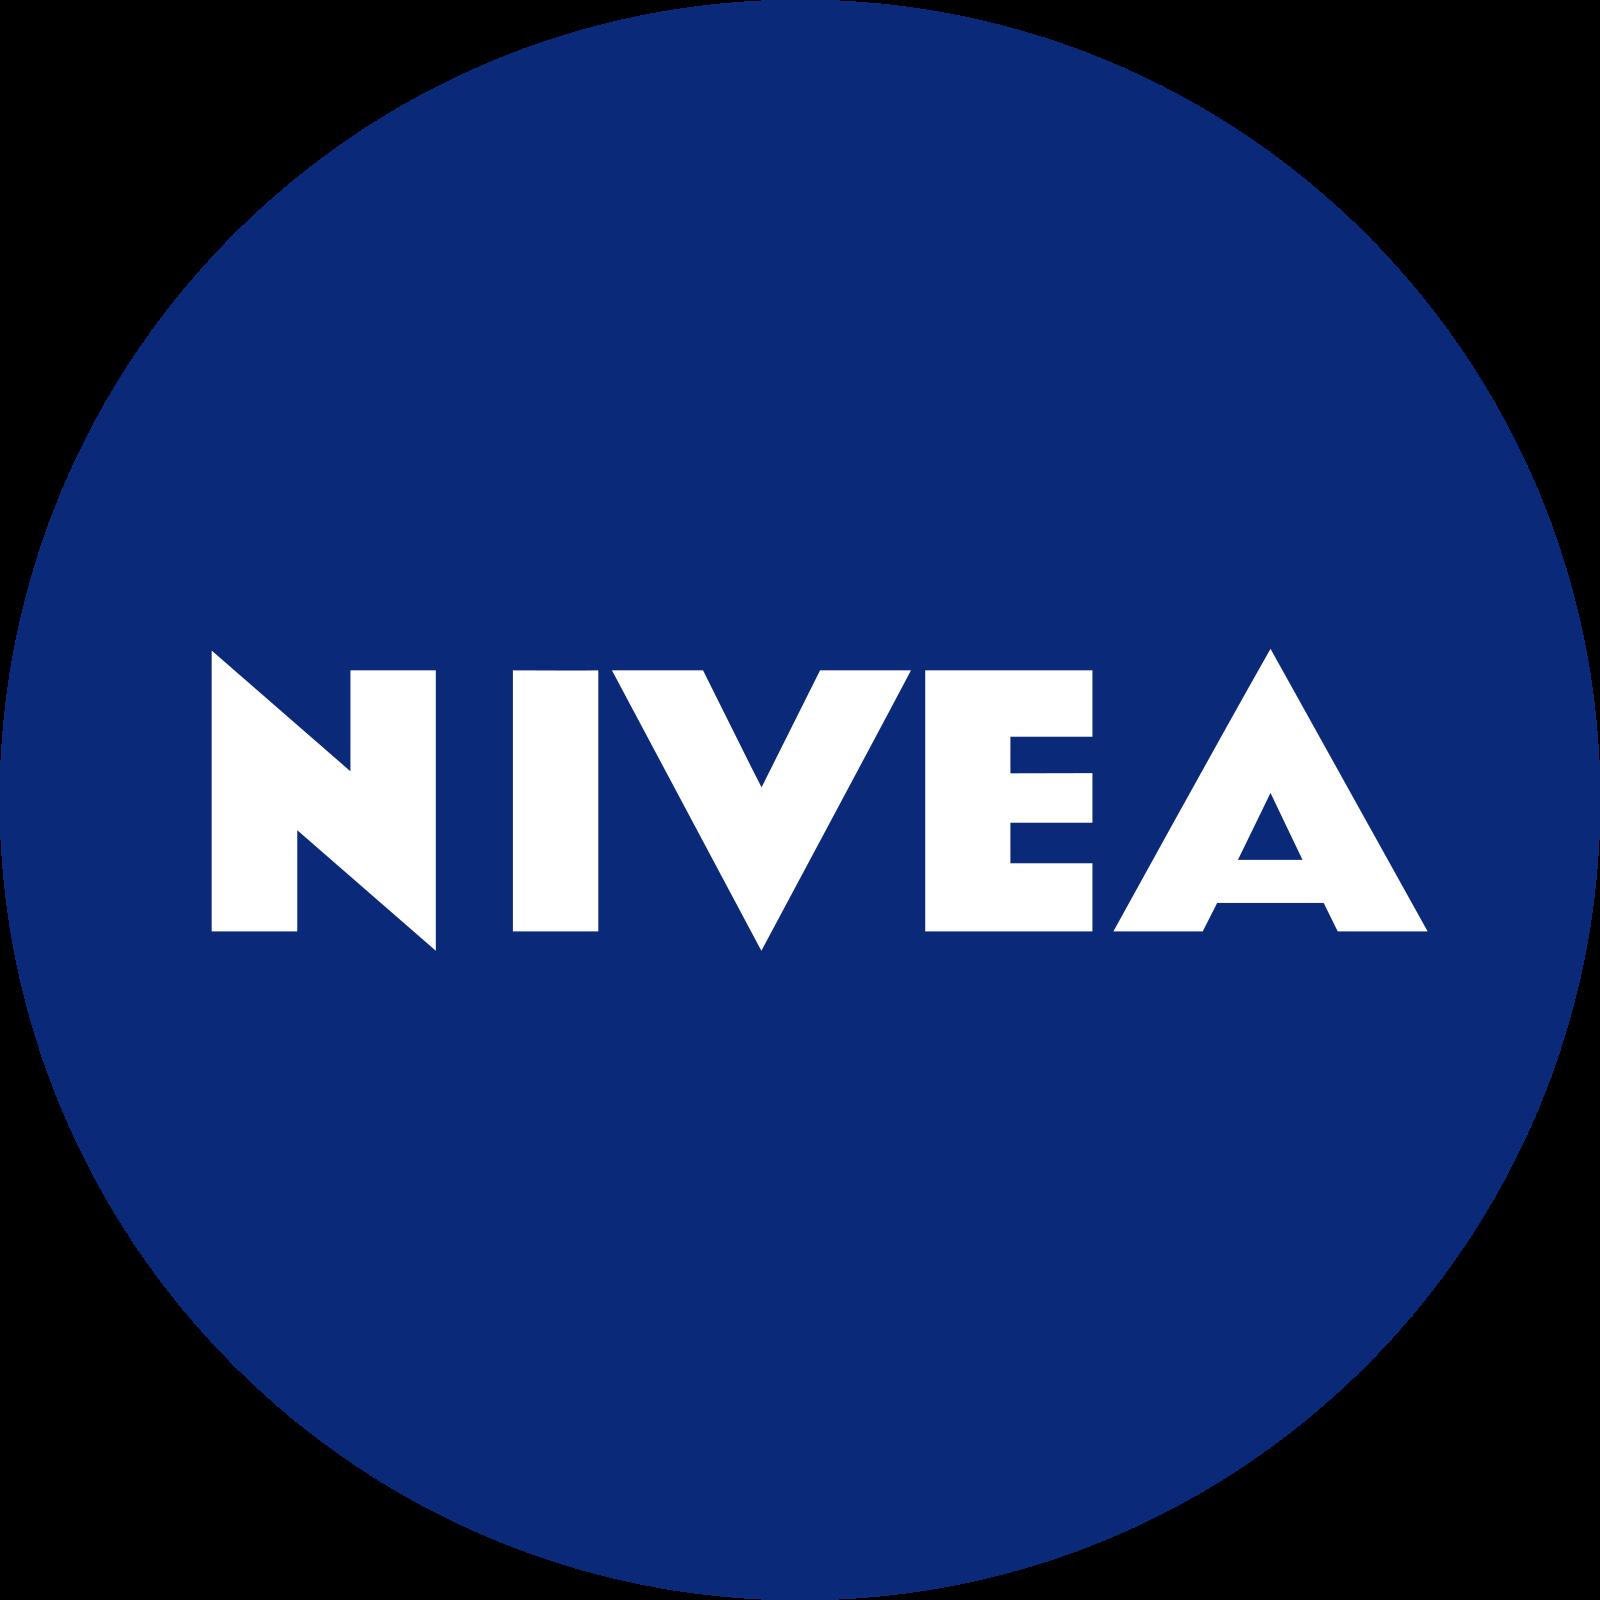 nivea logo 6 - Nivea Logo